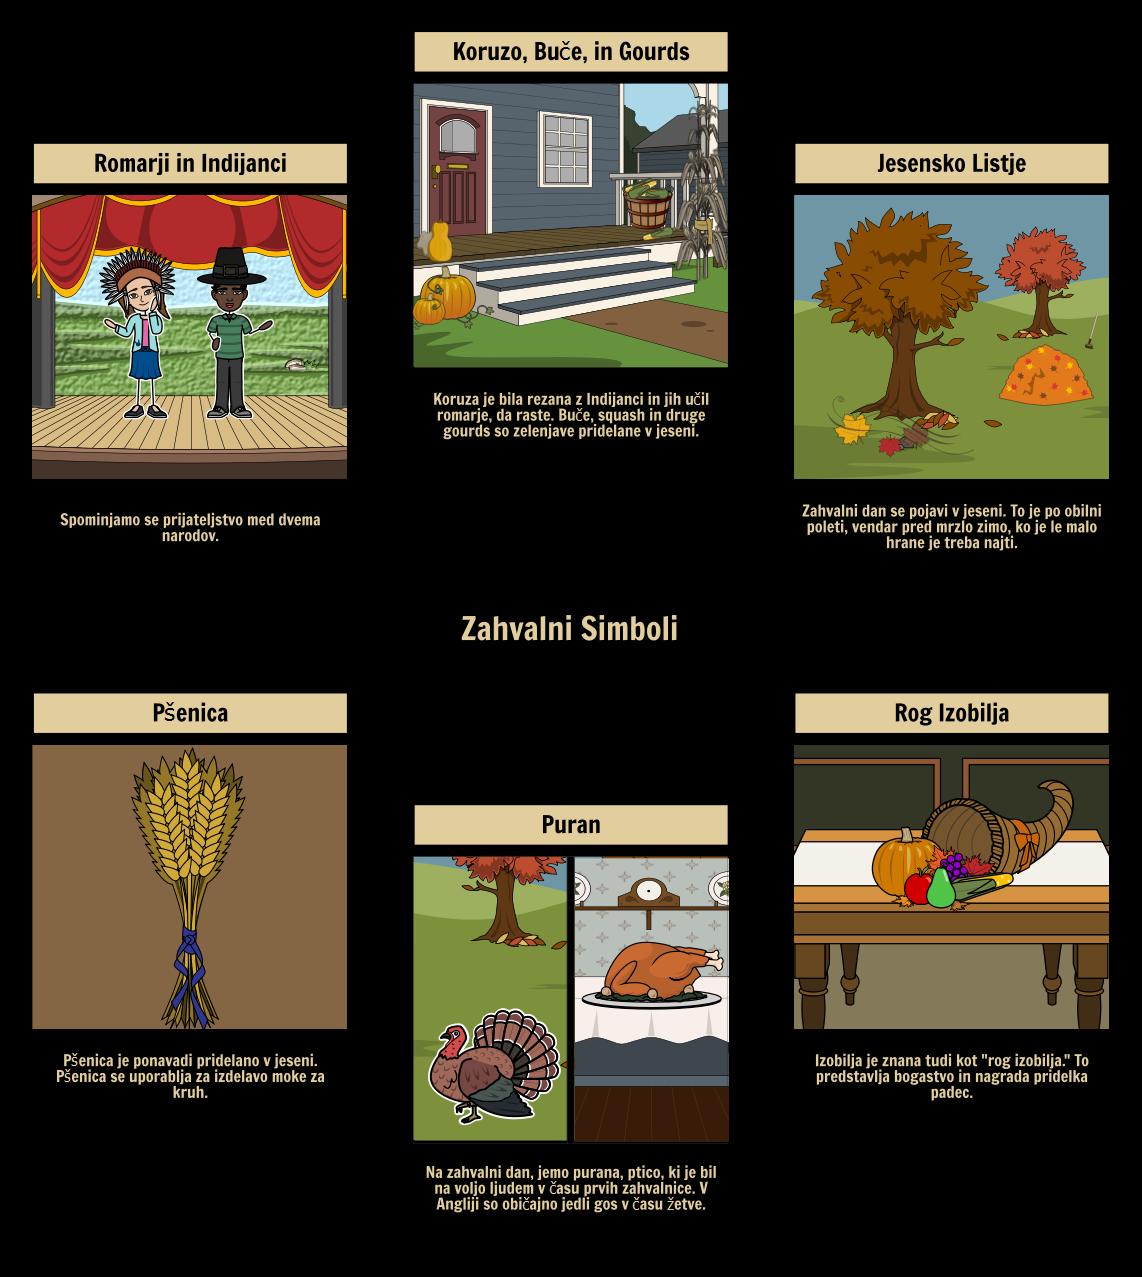 Zahvalni - Simboli